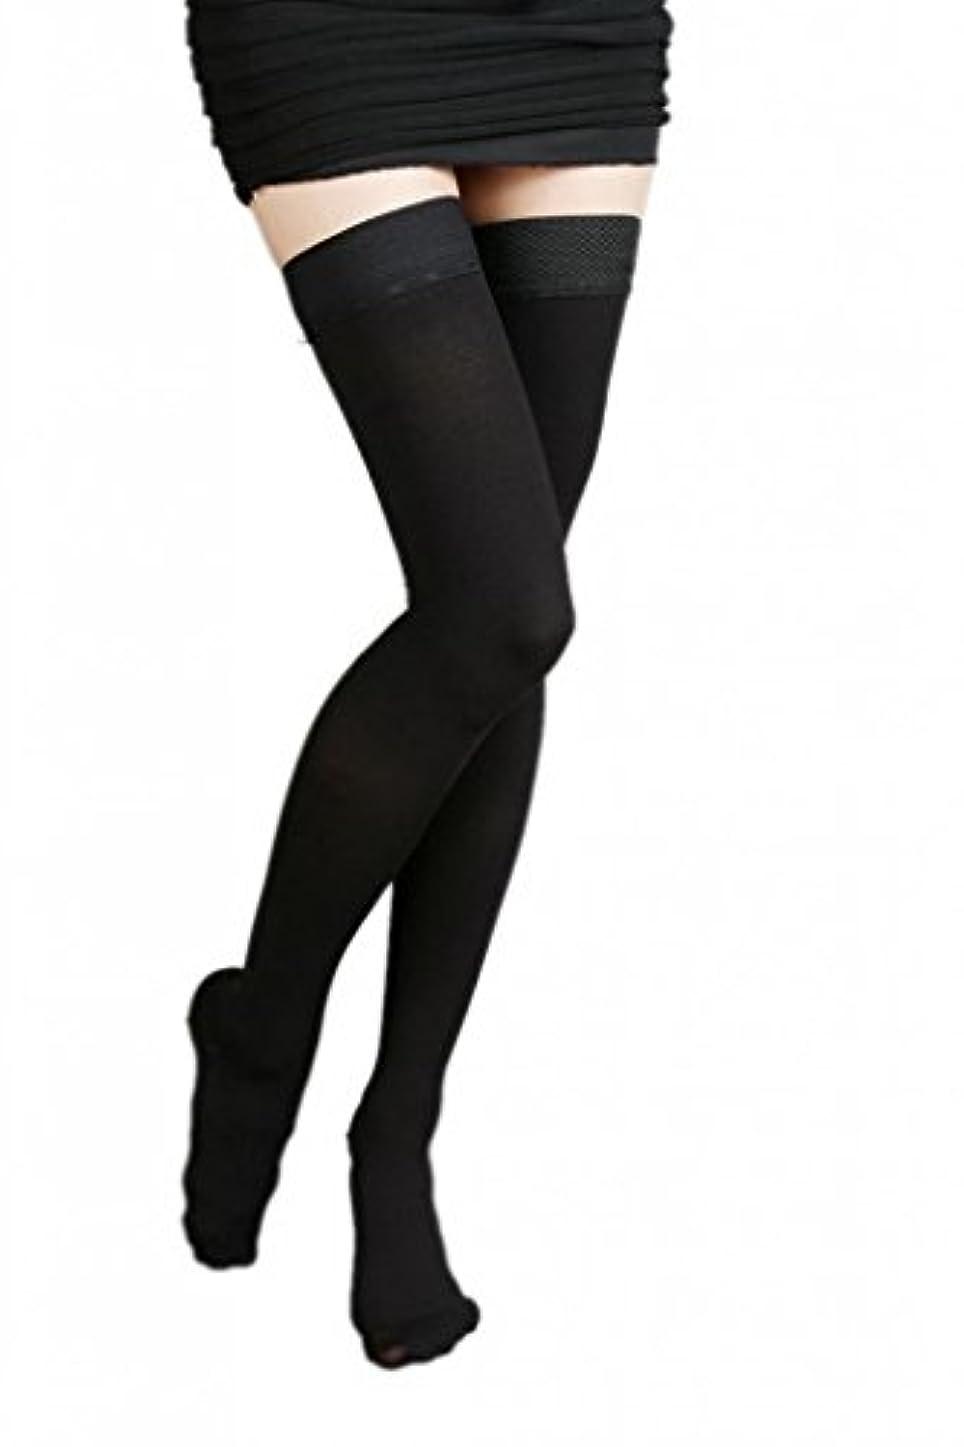 統治可能マニュアル露骨な(ラボーグ)La Vogue 美脚 着圧オーバーニーソックス ハイソックス 靴下 弾性ストッキング つま先あり着圧ソックス XL 1級低圧 黒色